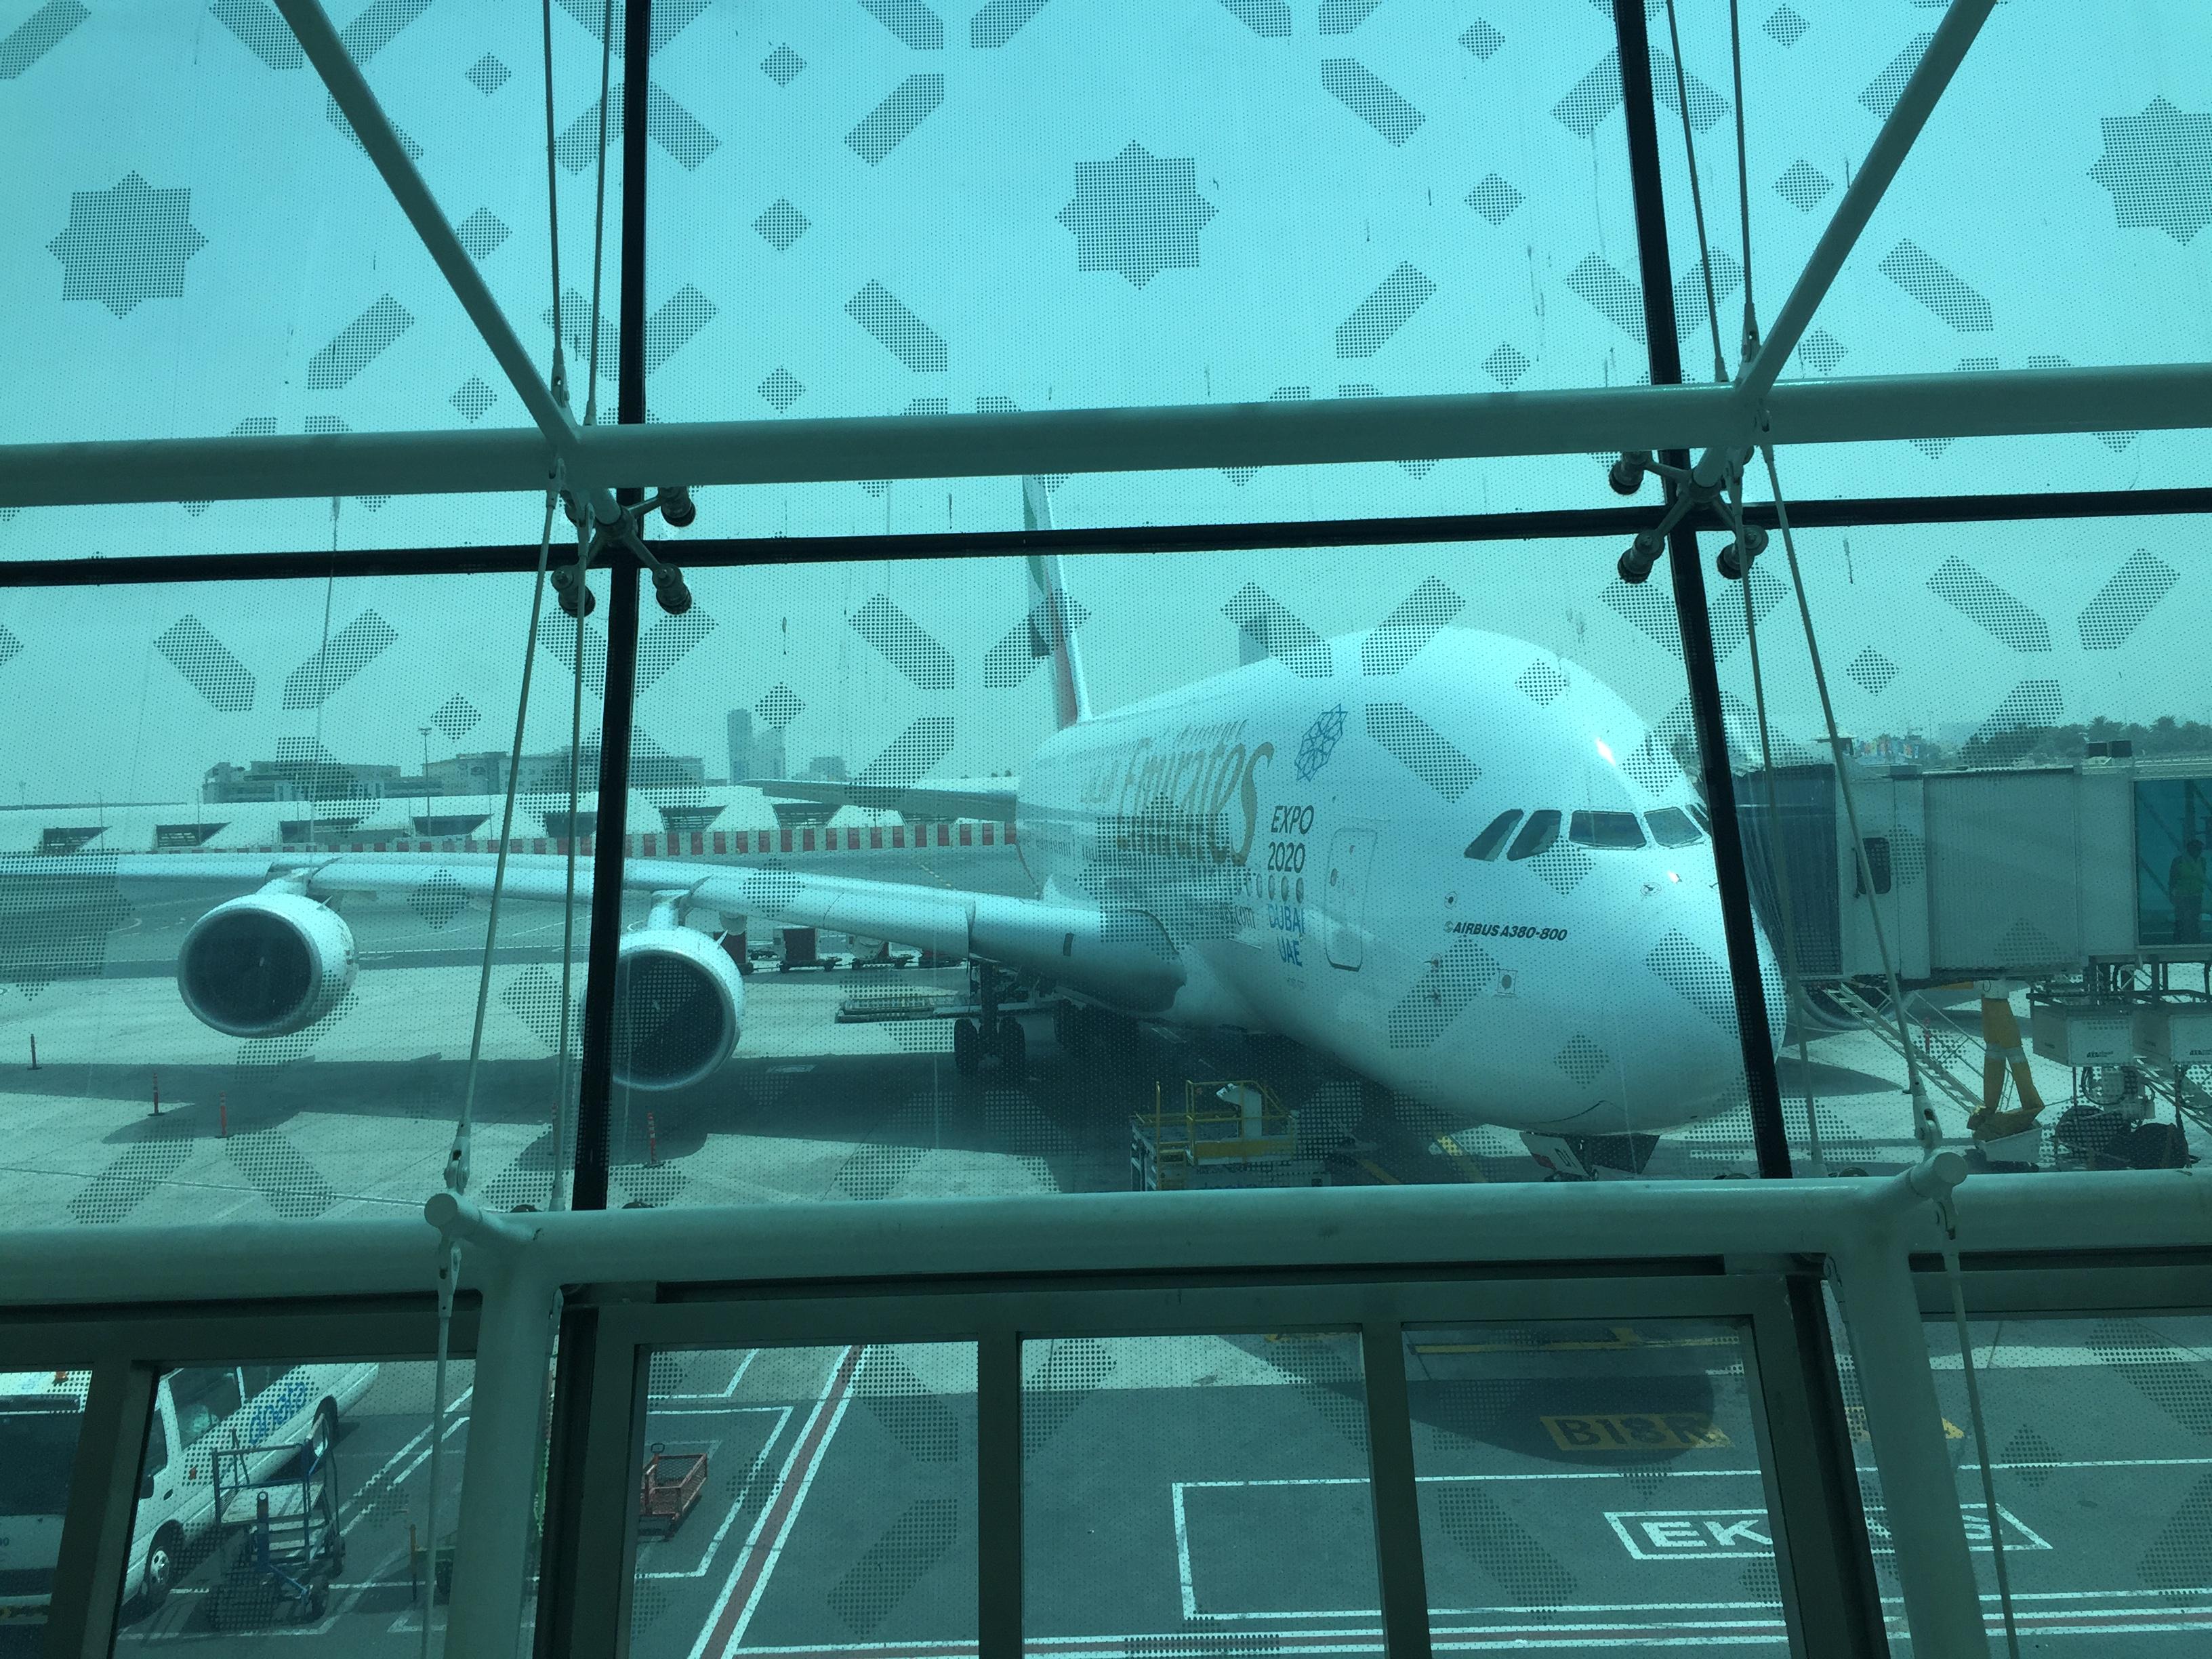 Economy Class von Emirates